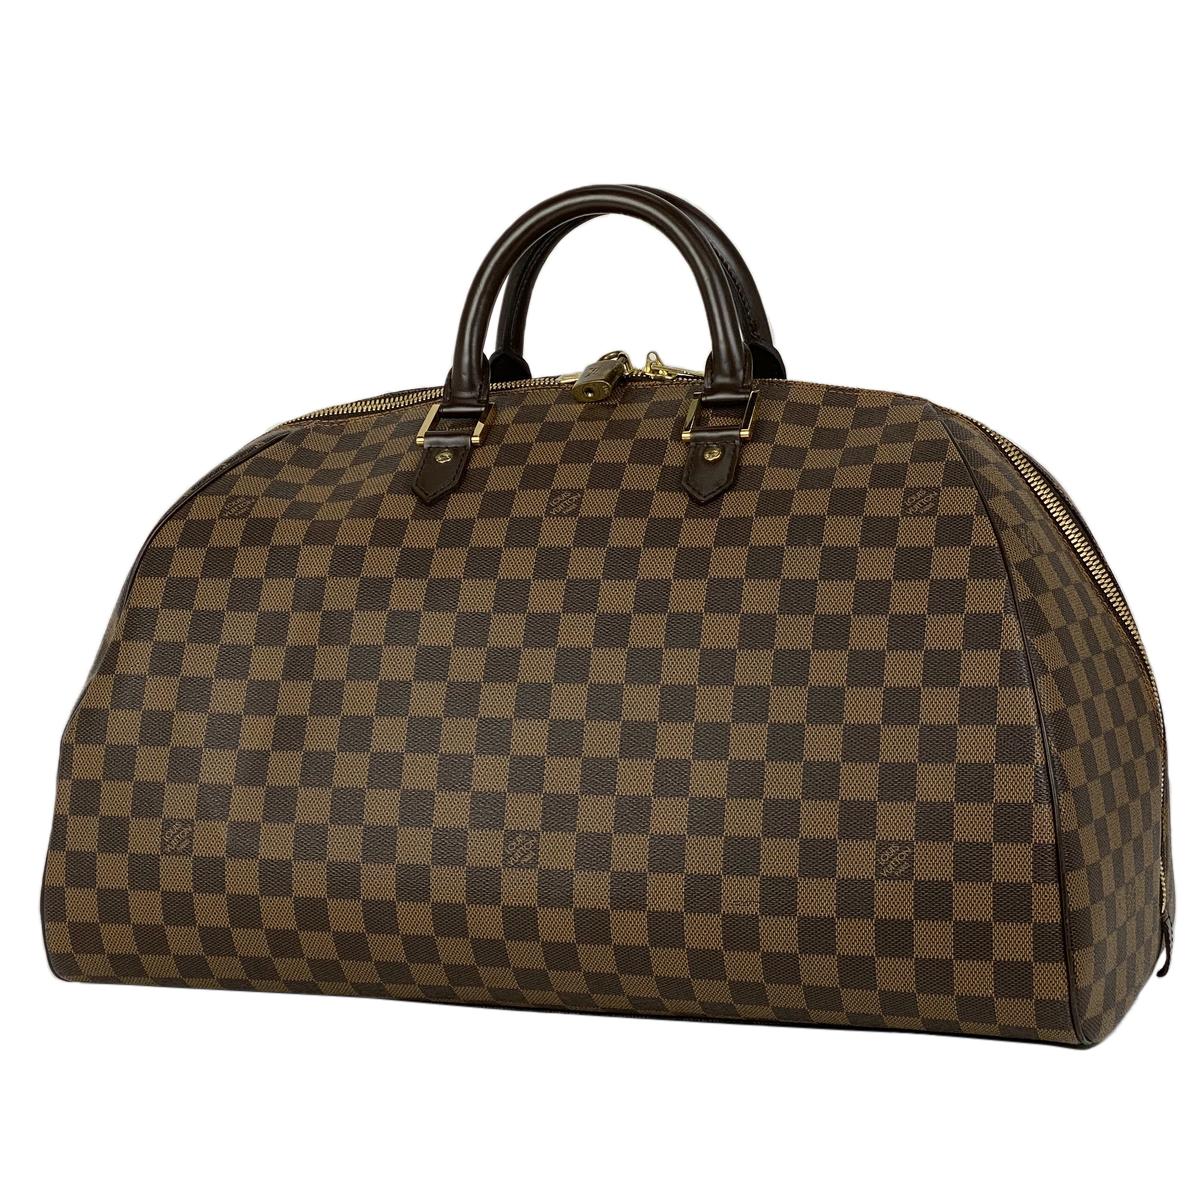 ルイ・ヴィトン Louis Vuitton リベラ GM 旅行 出張 2泊3日 ボストンバッグ ダミエ ブラウン N41432 レディース 【中古】